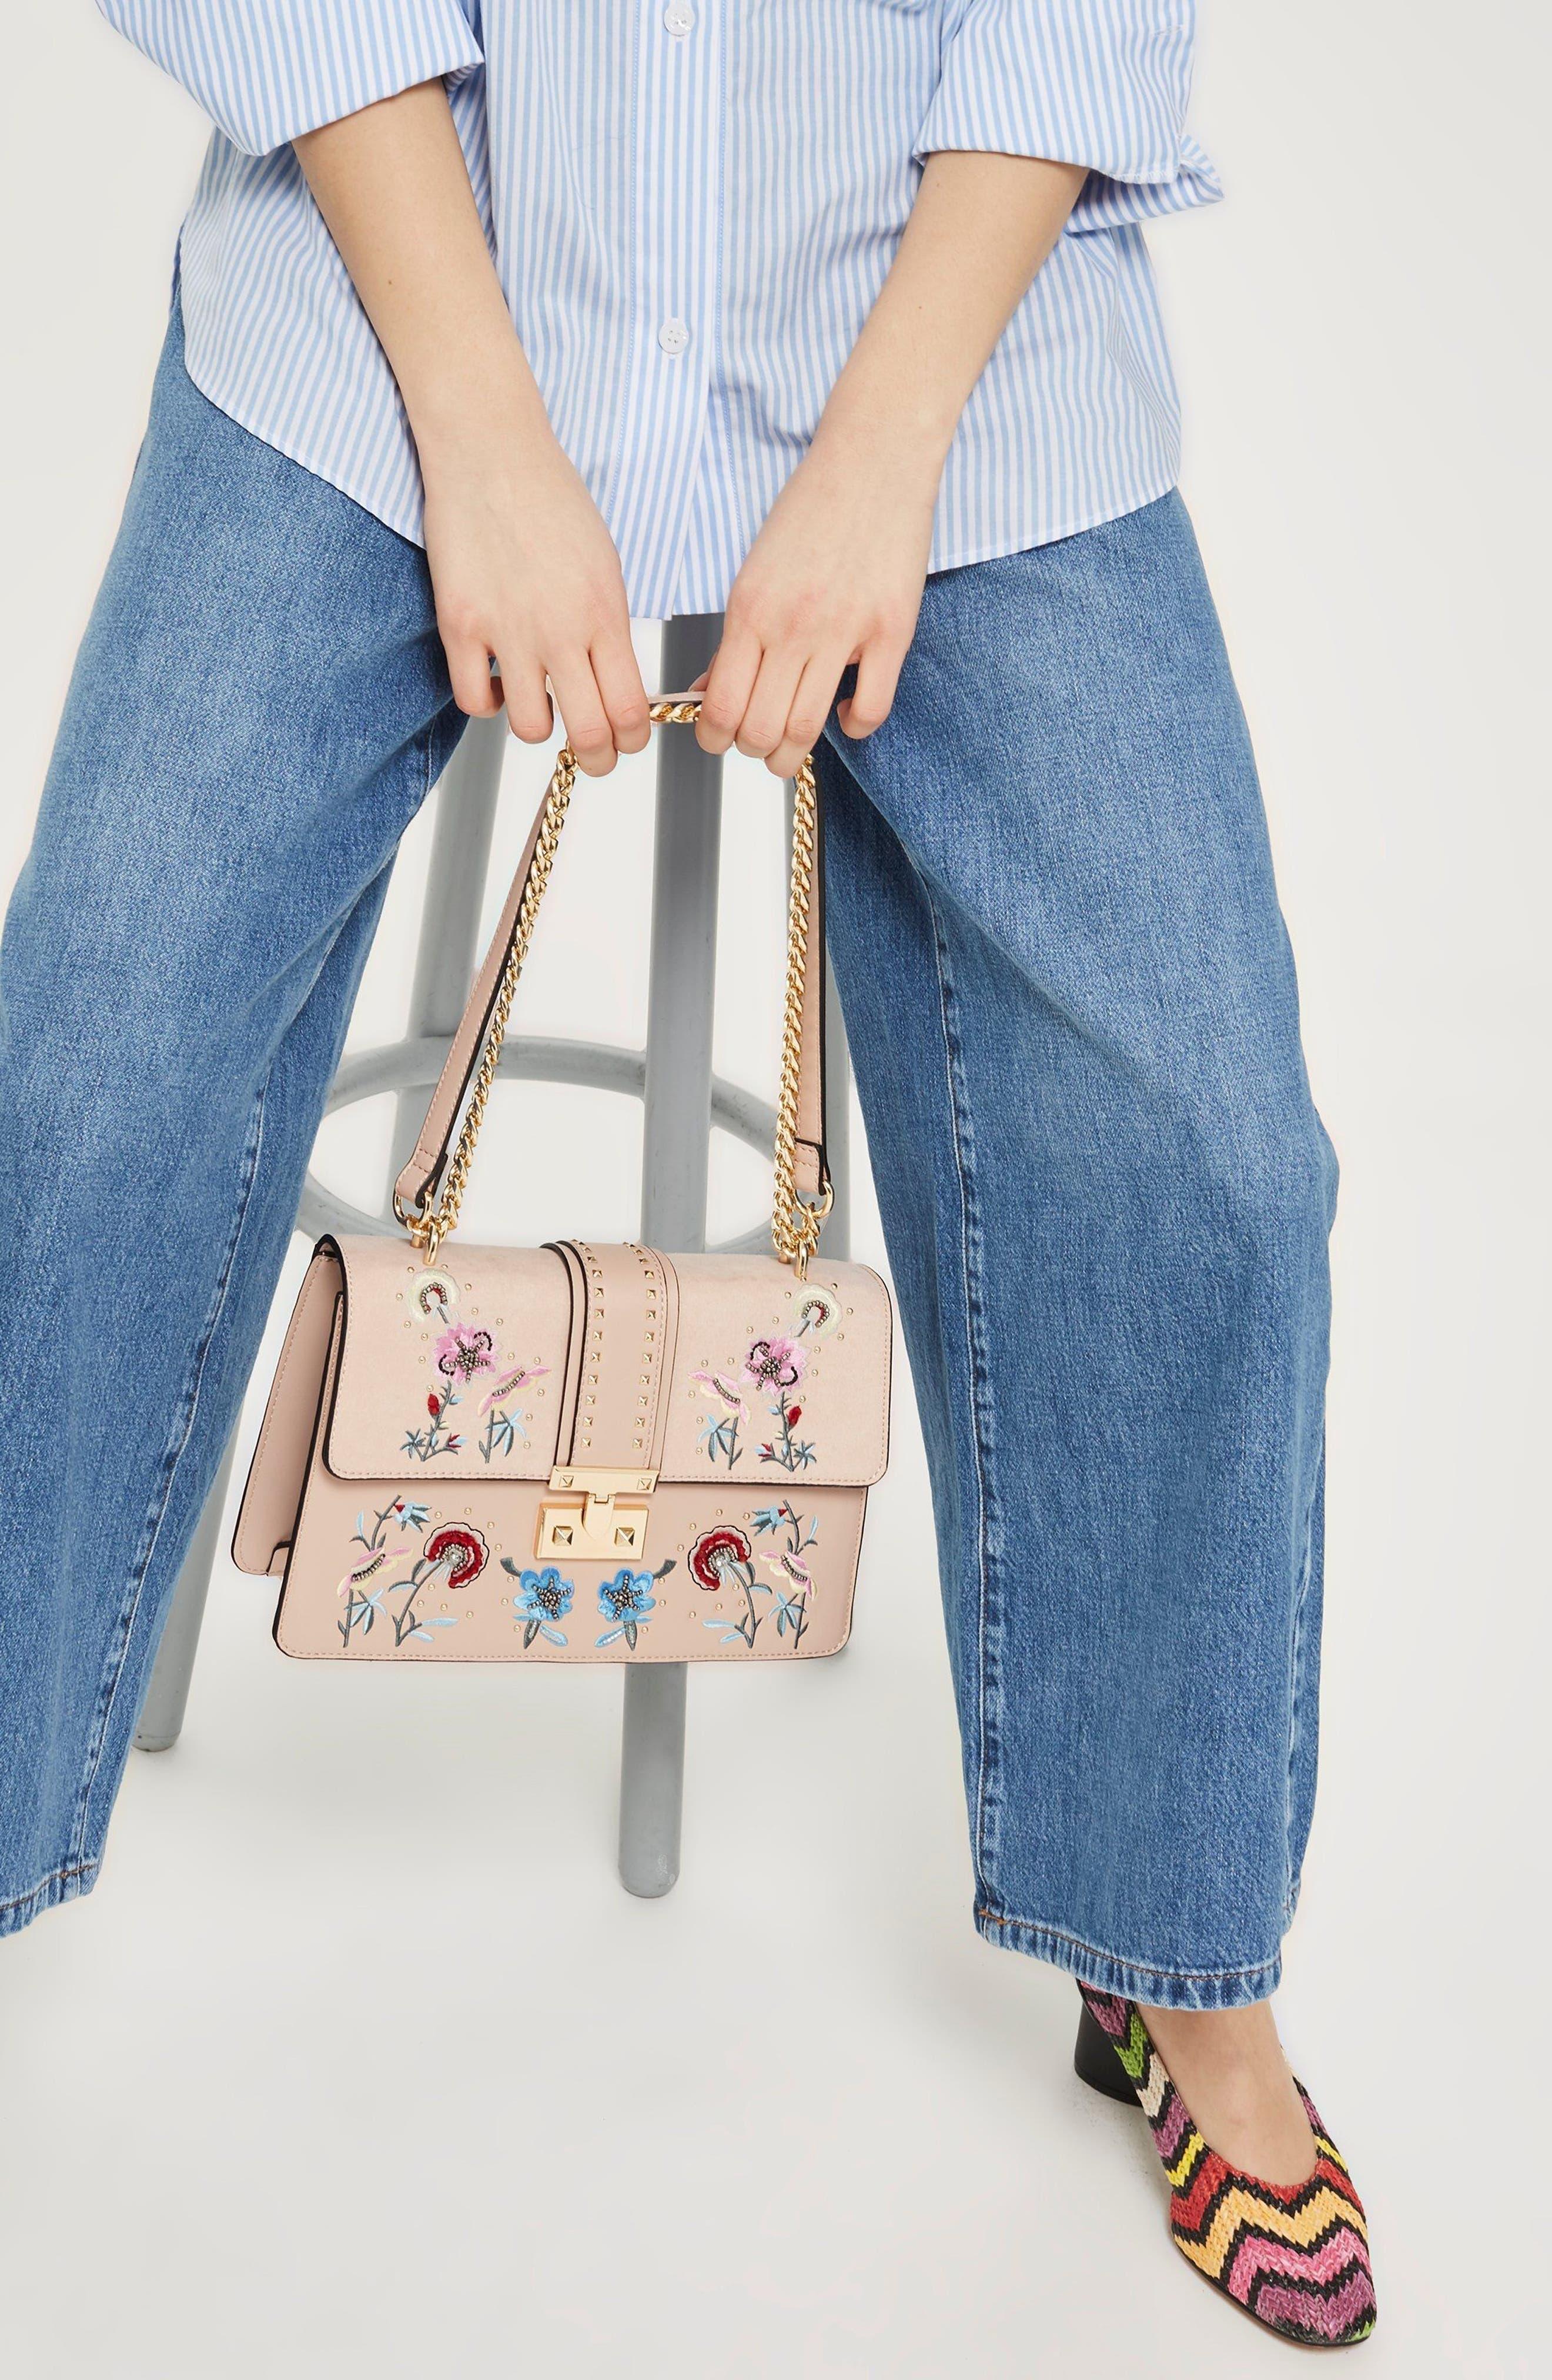 Darcy Floral Shoulder Bag,                             Alternate thumbnail 10, color,                             PINK MULTI